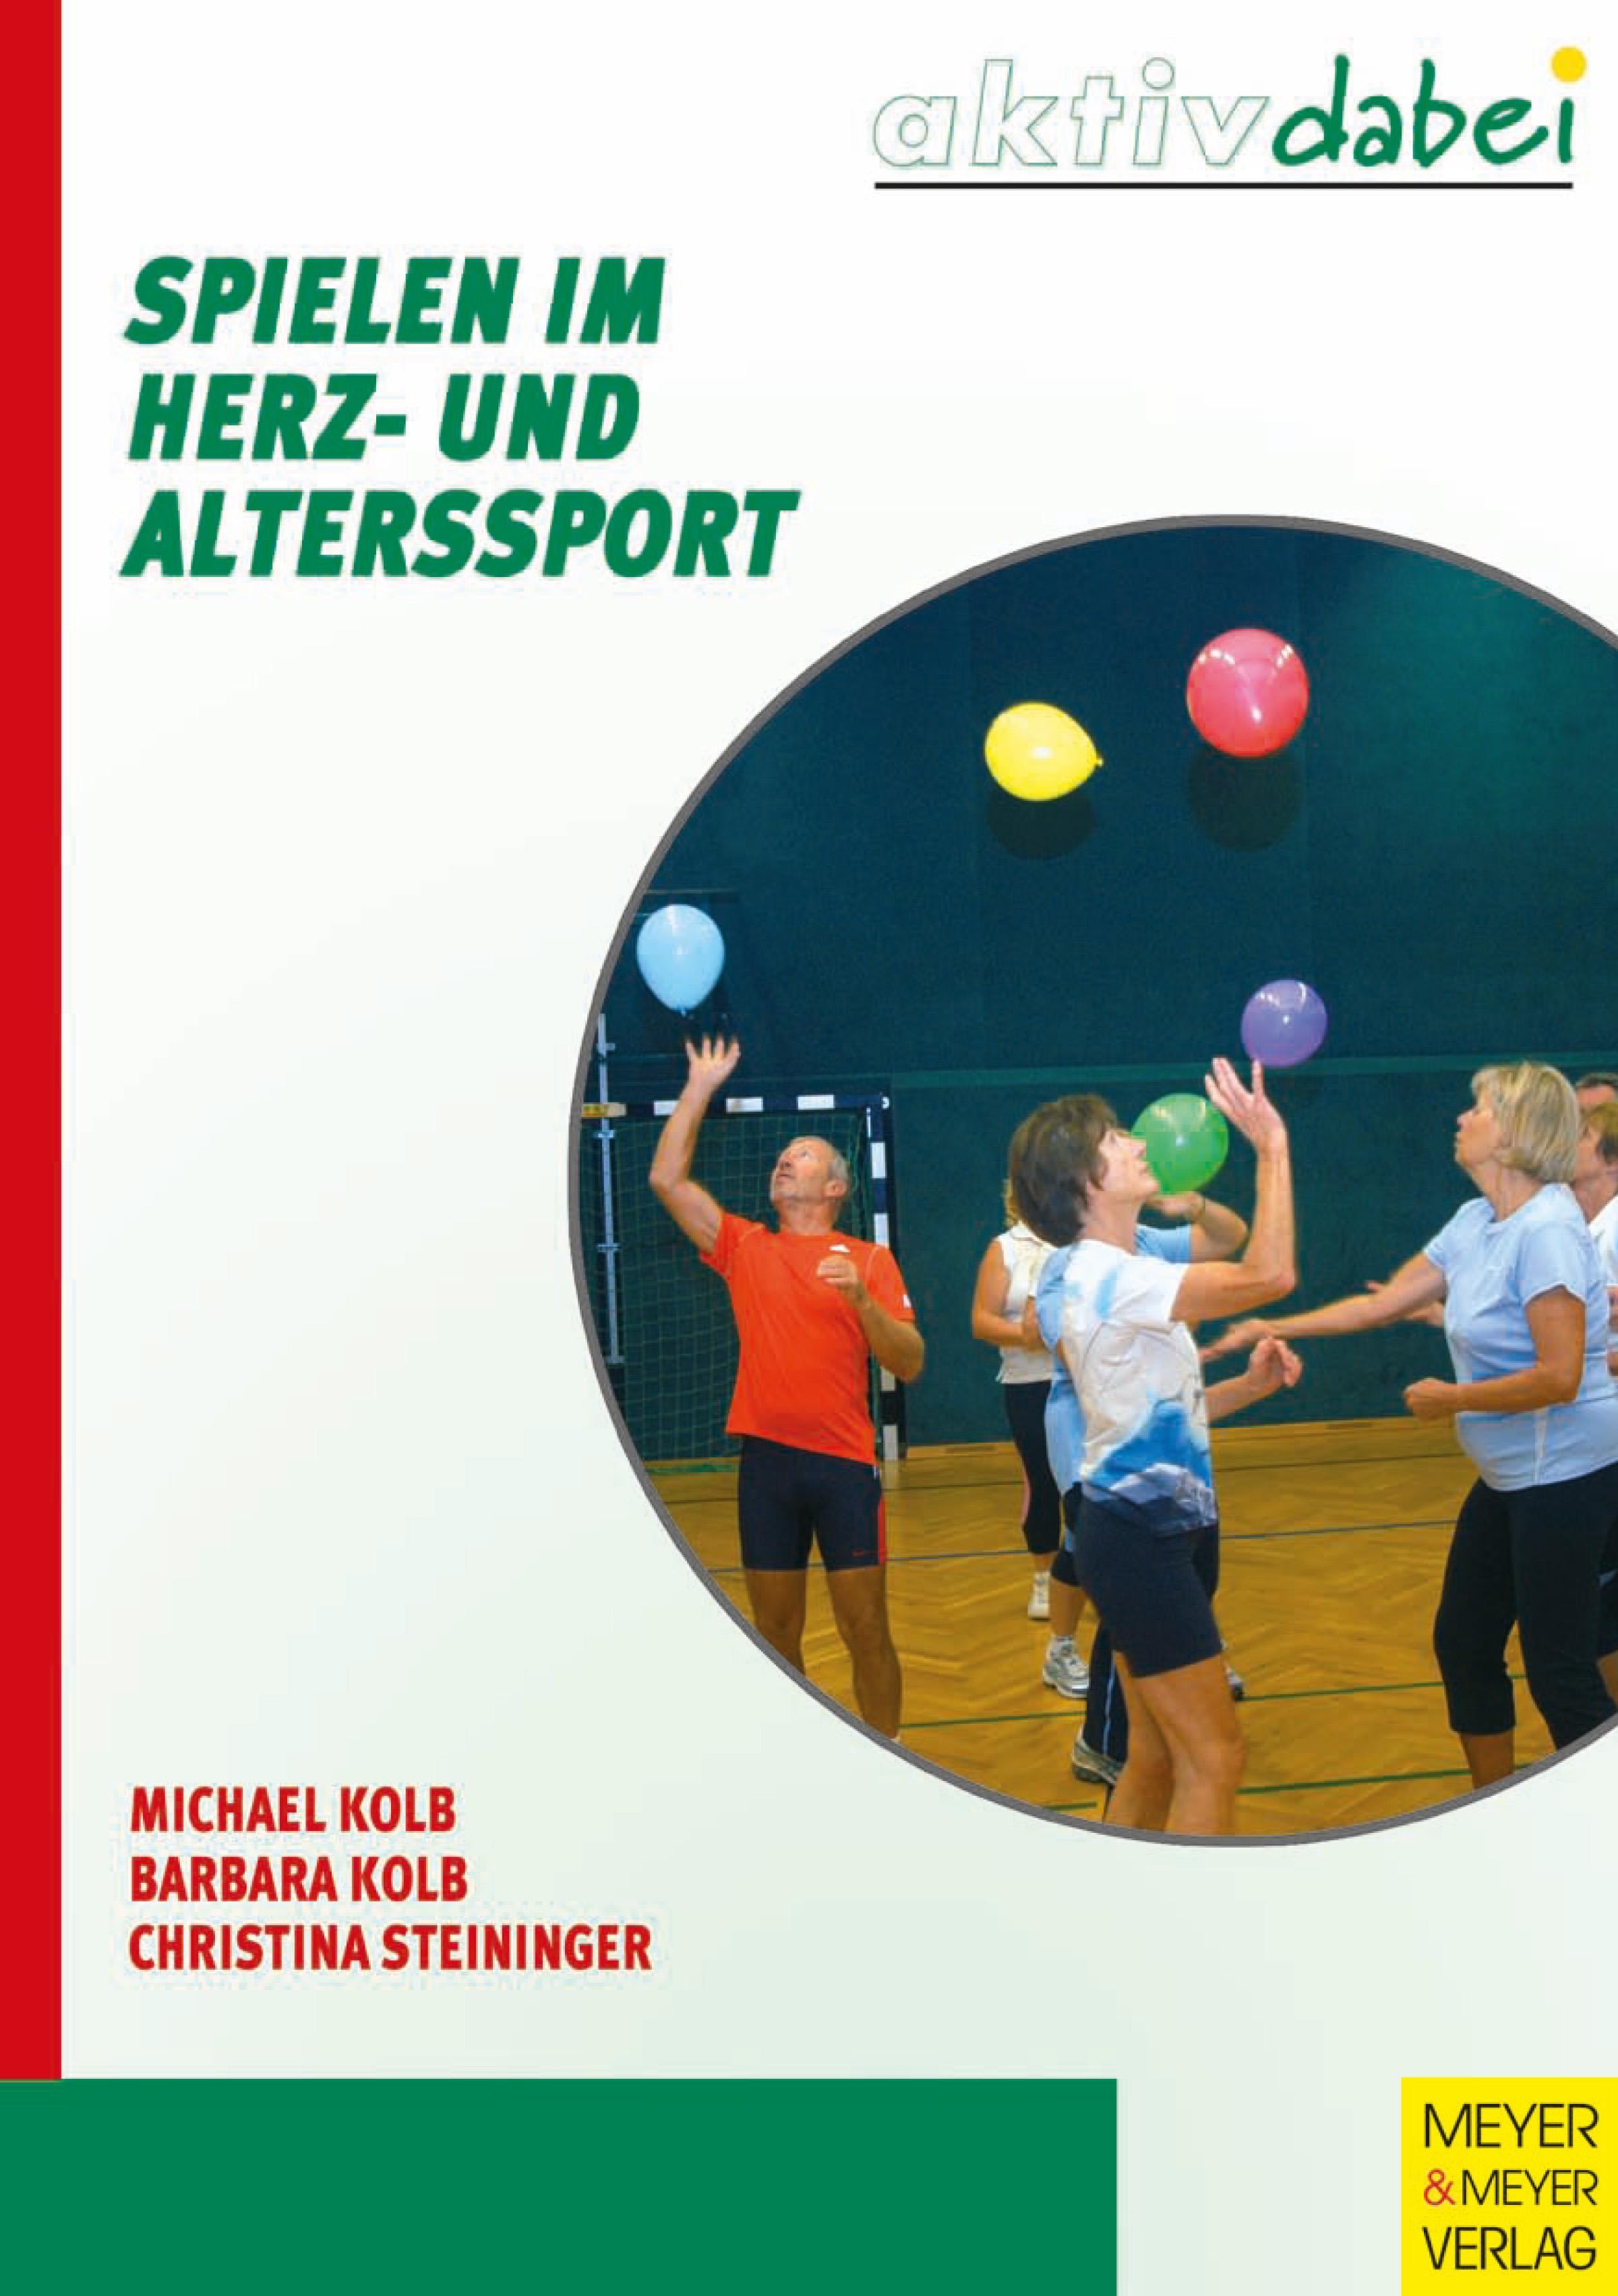 купить Michael Kolb Spielen im Herz- und Alterssport дешево